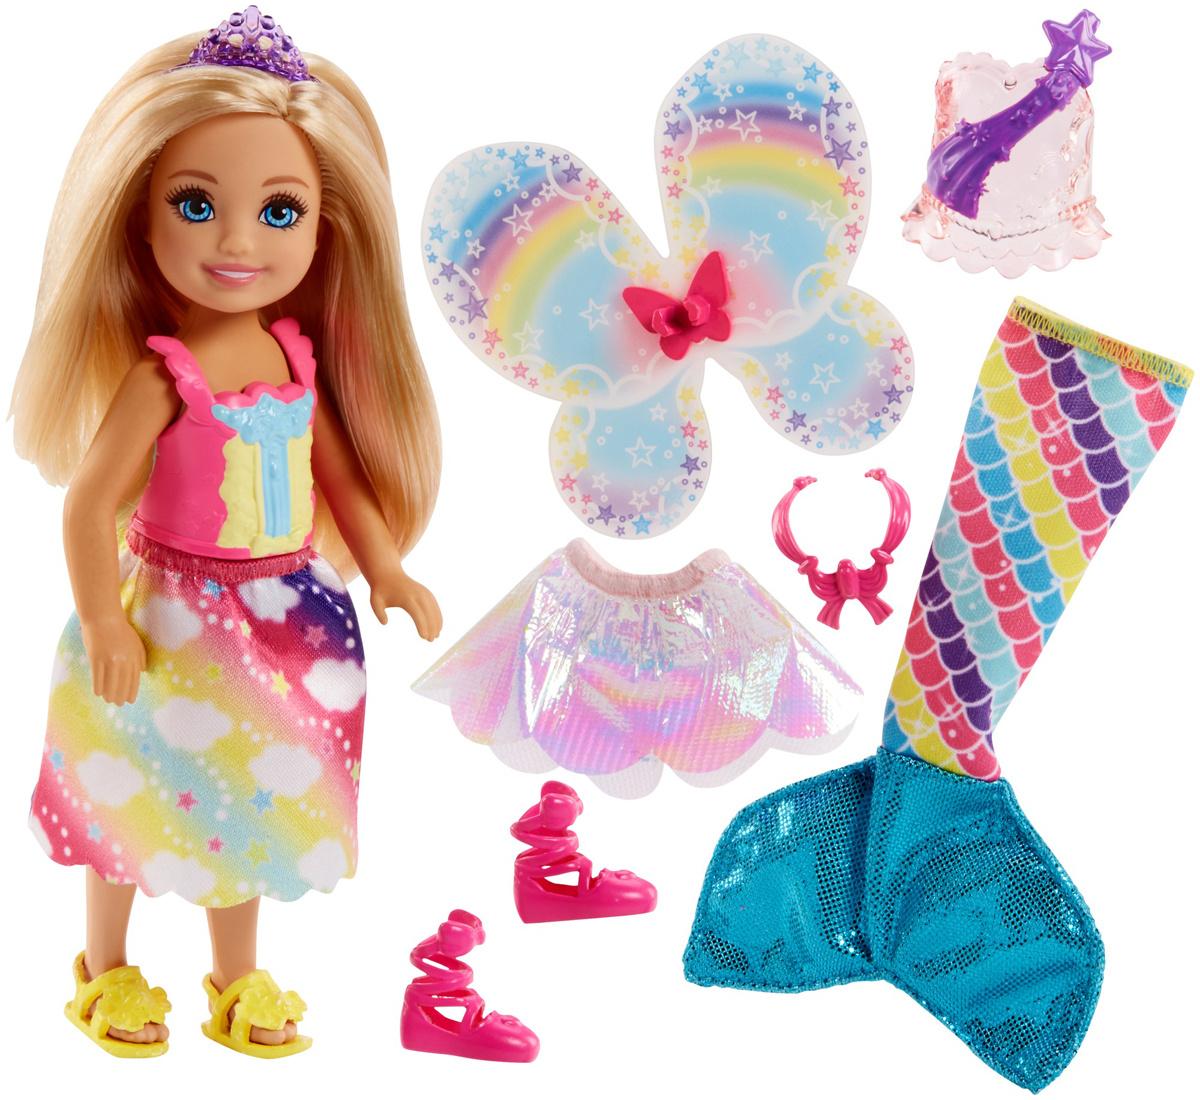 Кукла Barbie Челси фея русалка Блондинка FJD00 #1